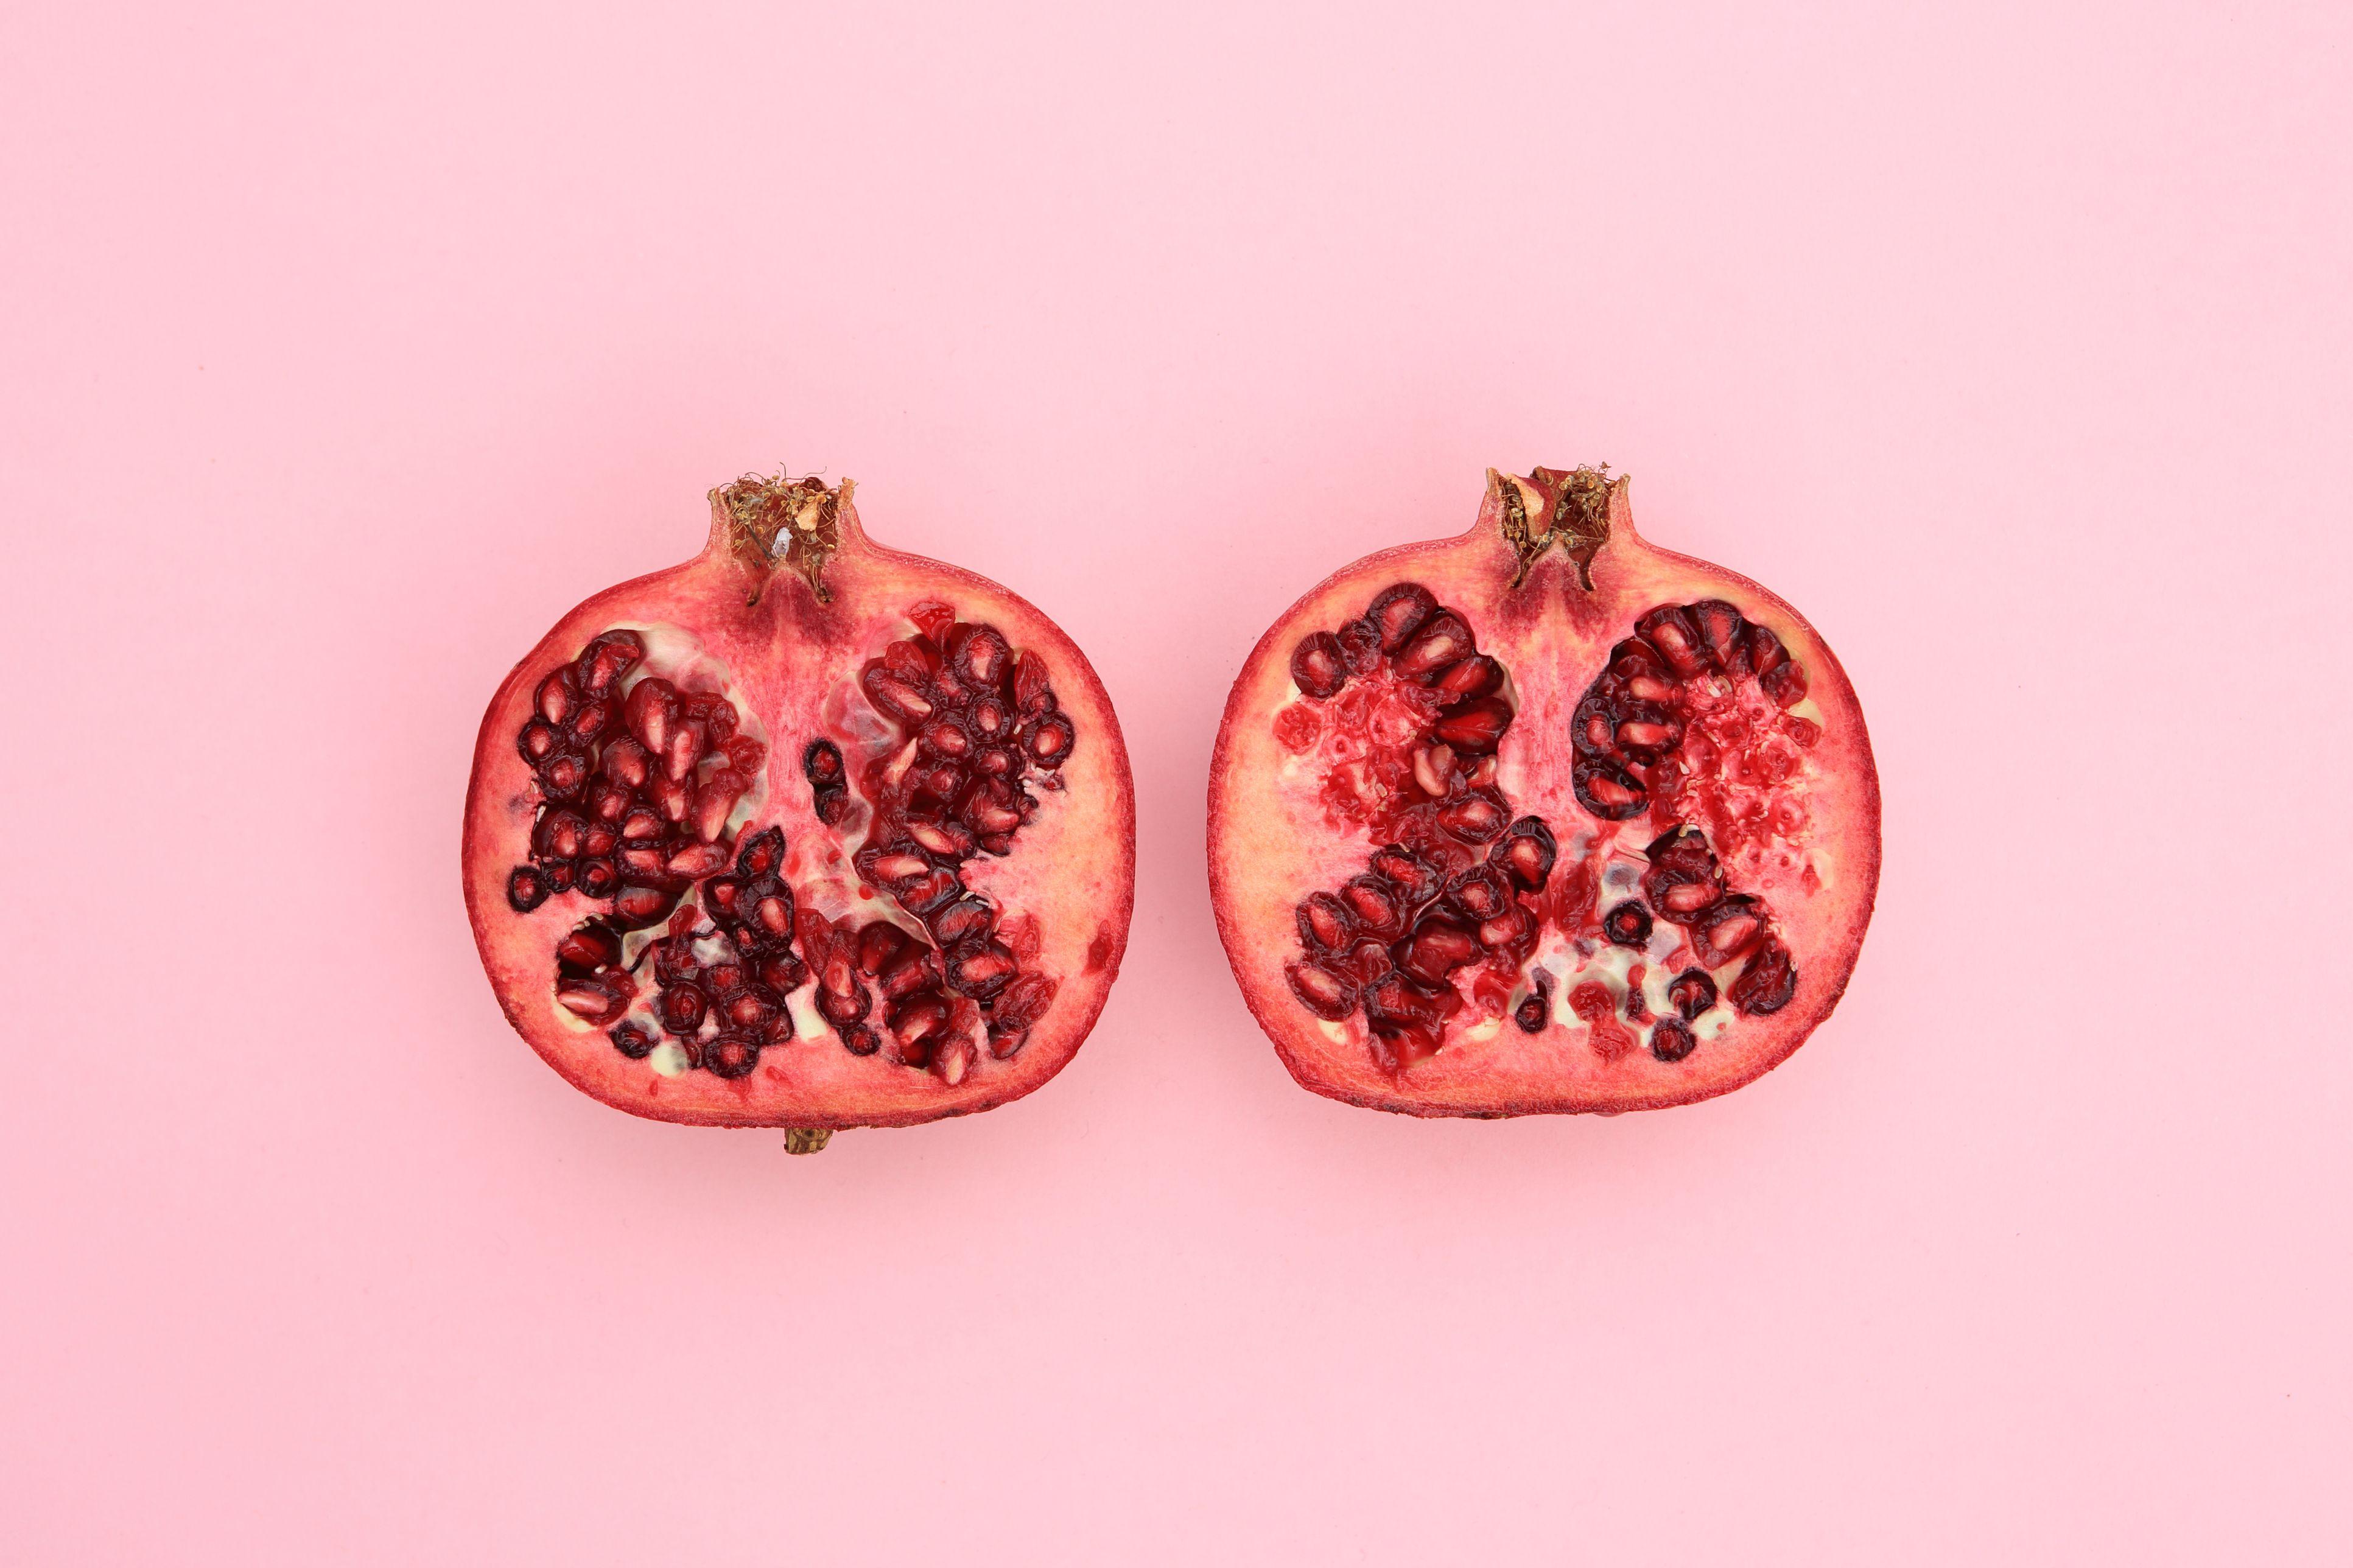 wall dark vaginal spots on